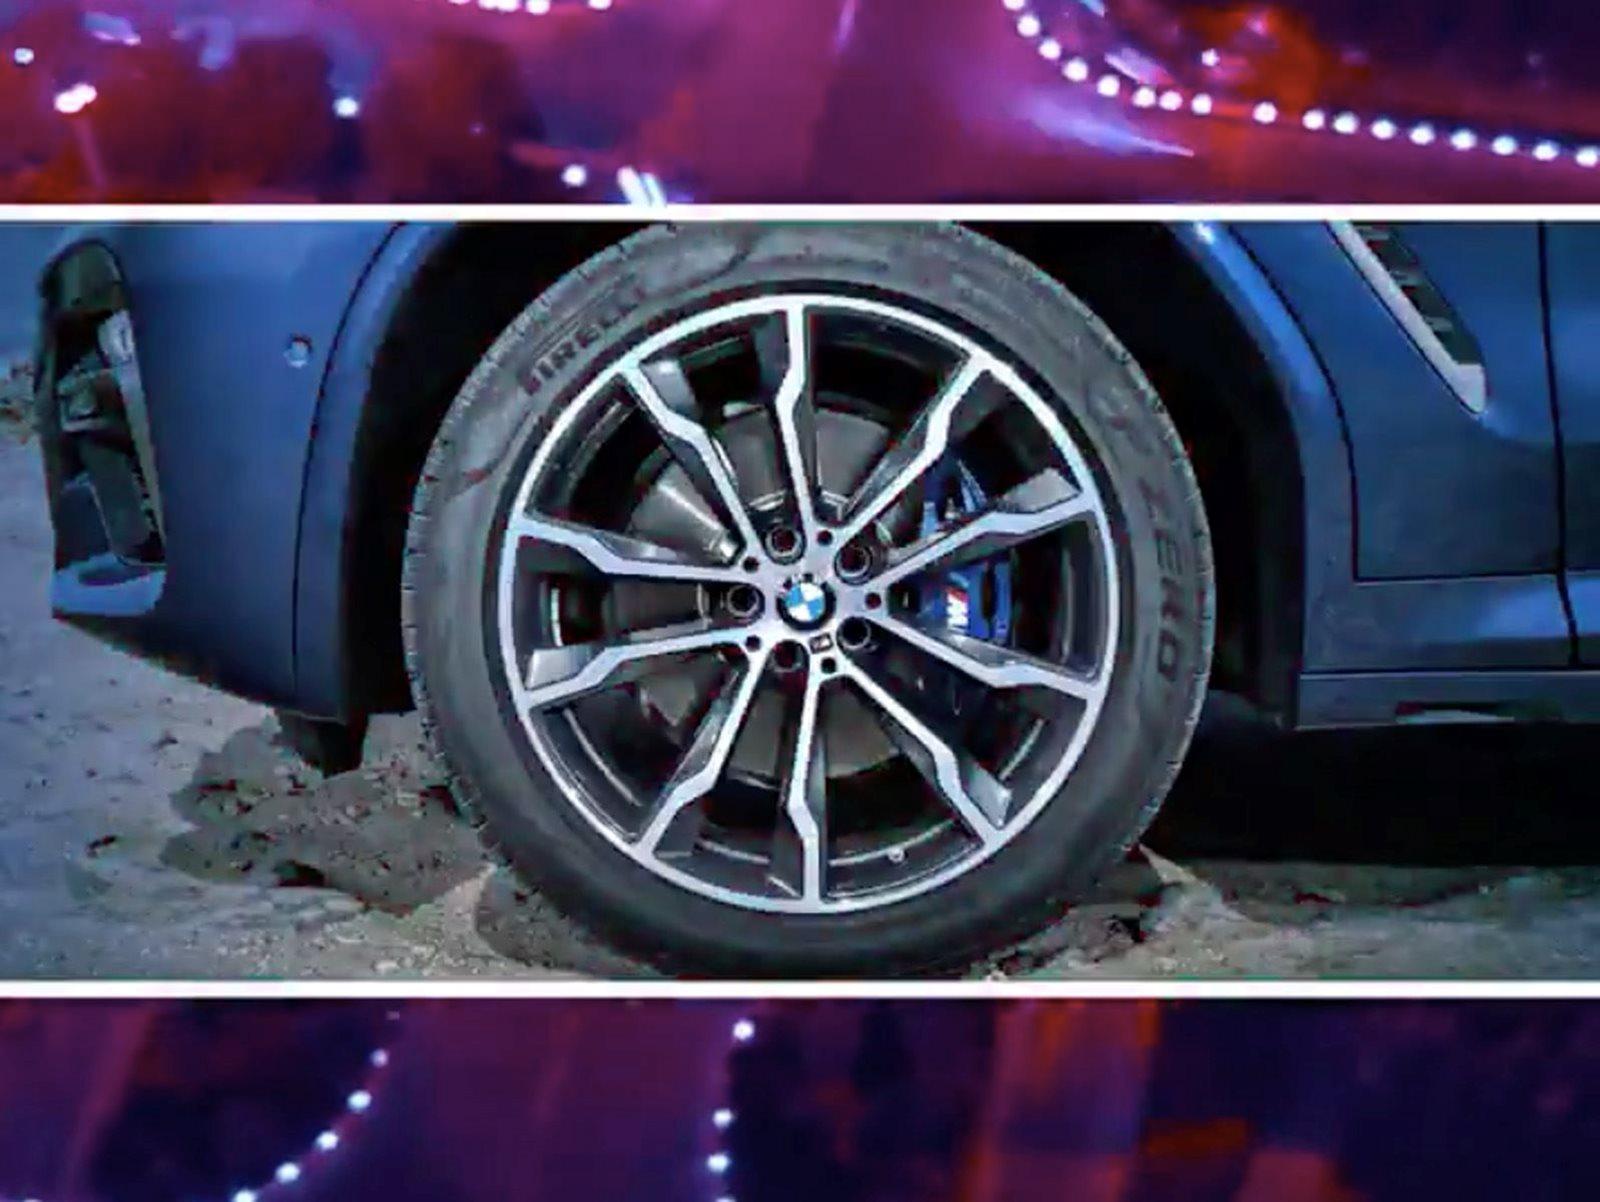 BMW, скорее всего, переработает свой электромобиль, сделав нечто среднее между дикой предстоящей концепцией и текущим X3. Мы узнаем, что же готовит, когда он покажет концепцию iX3 на Пекинском автосалоне 2018, который начинается уже на этой неделе.